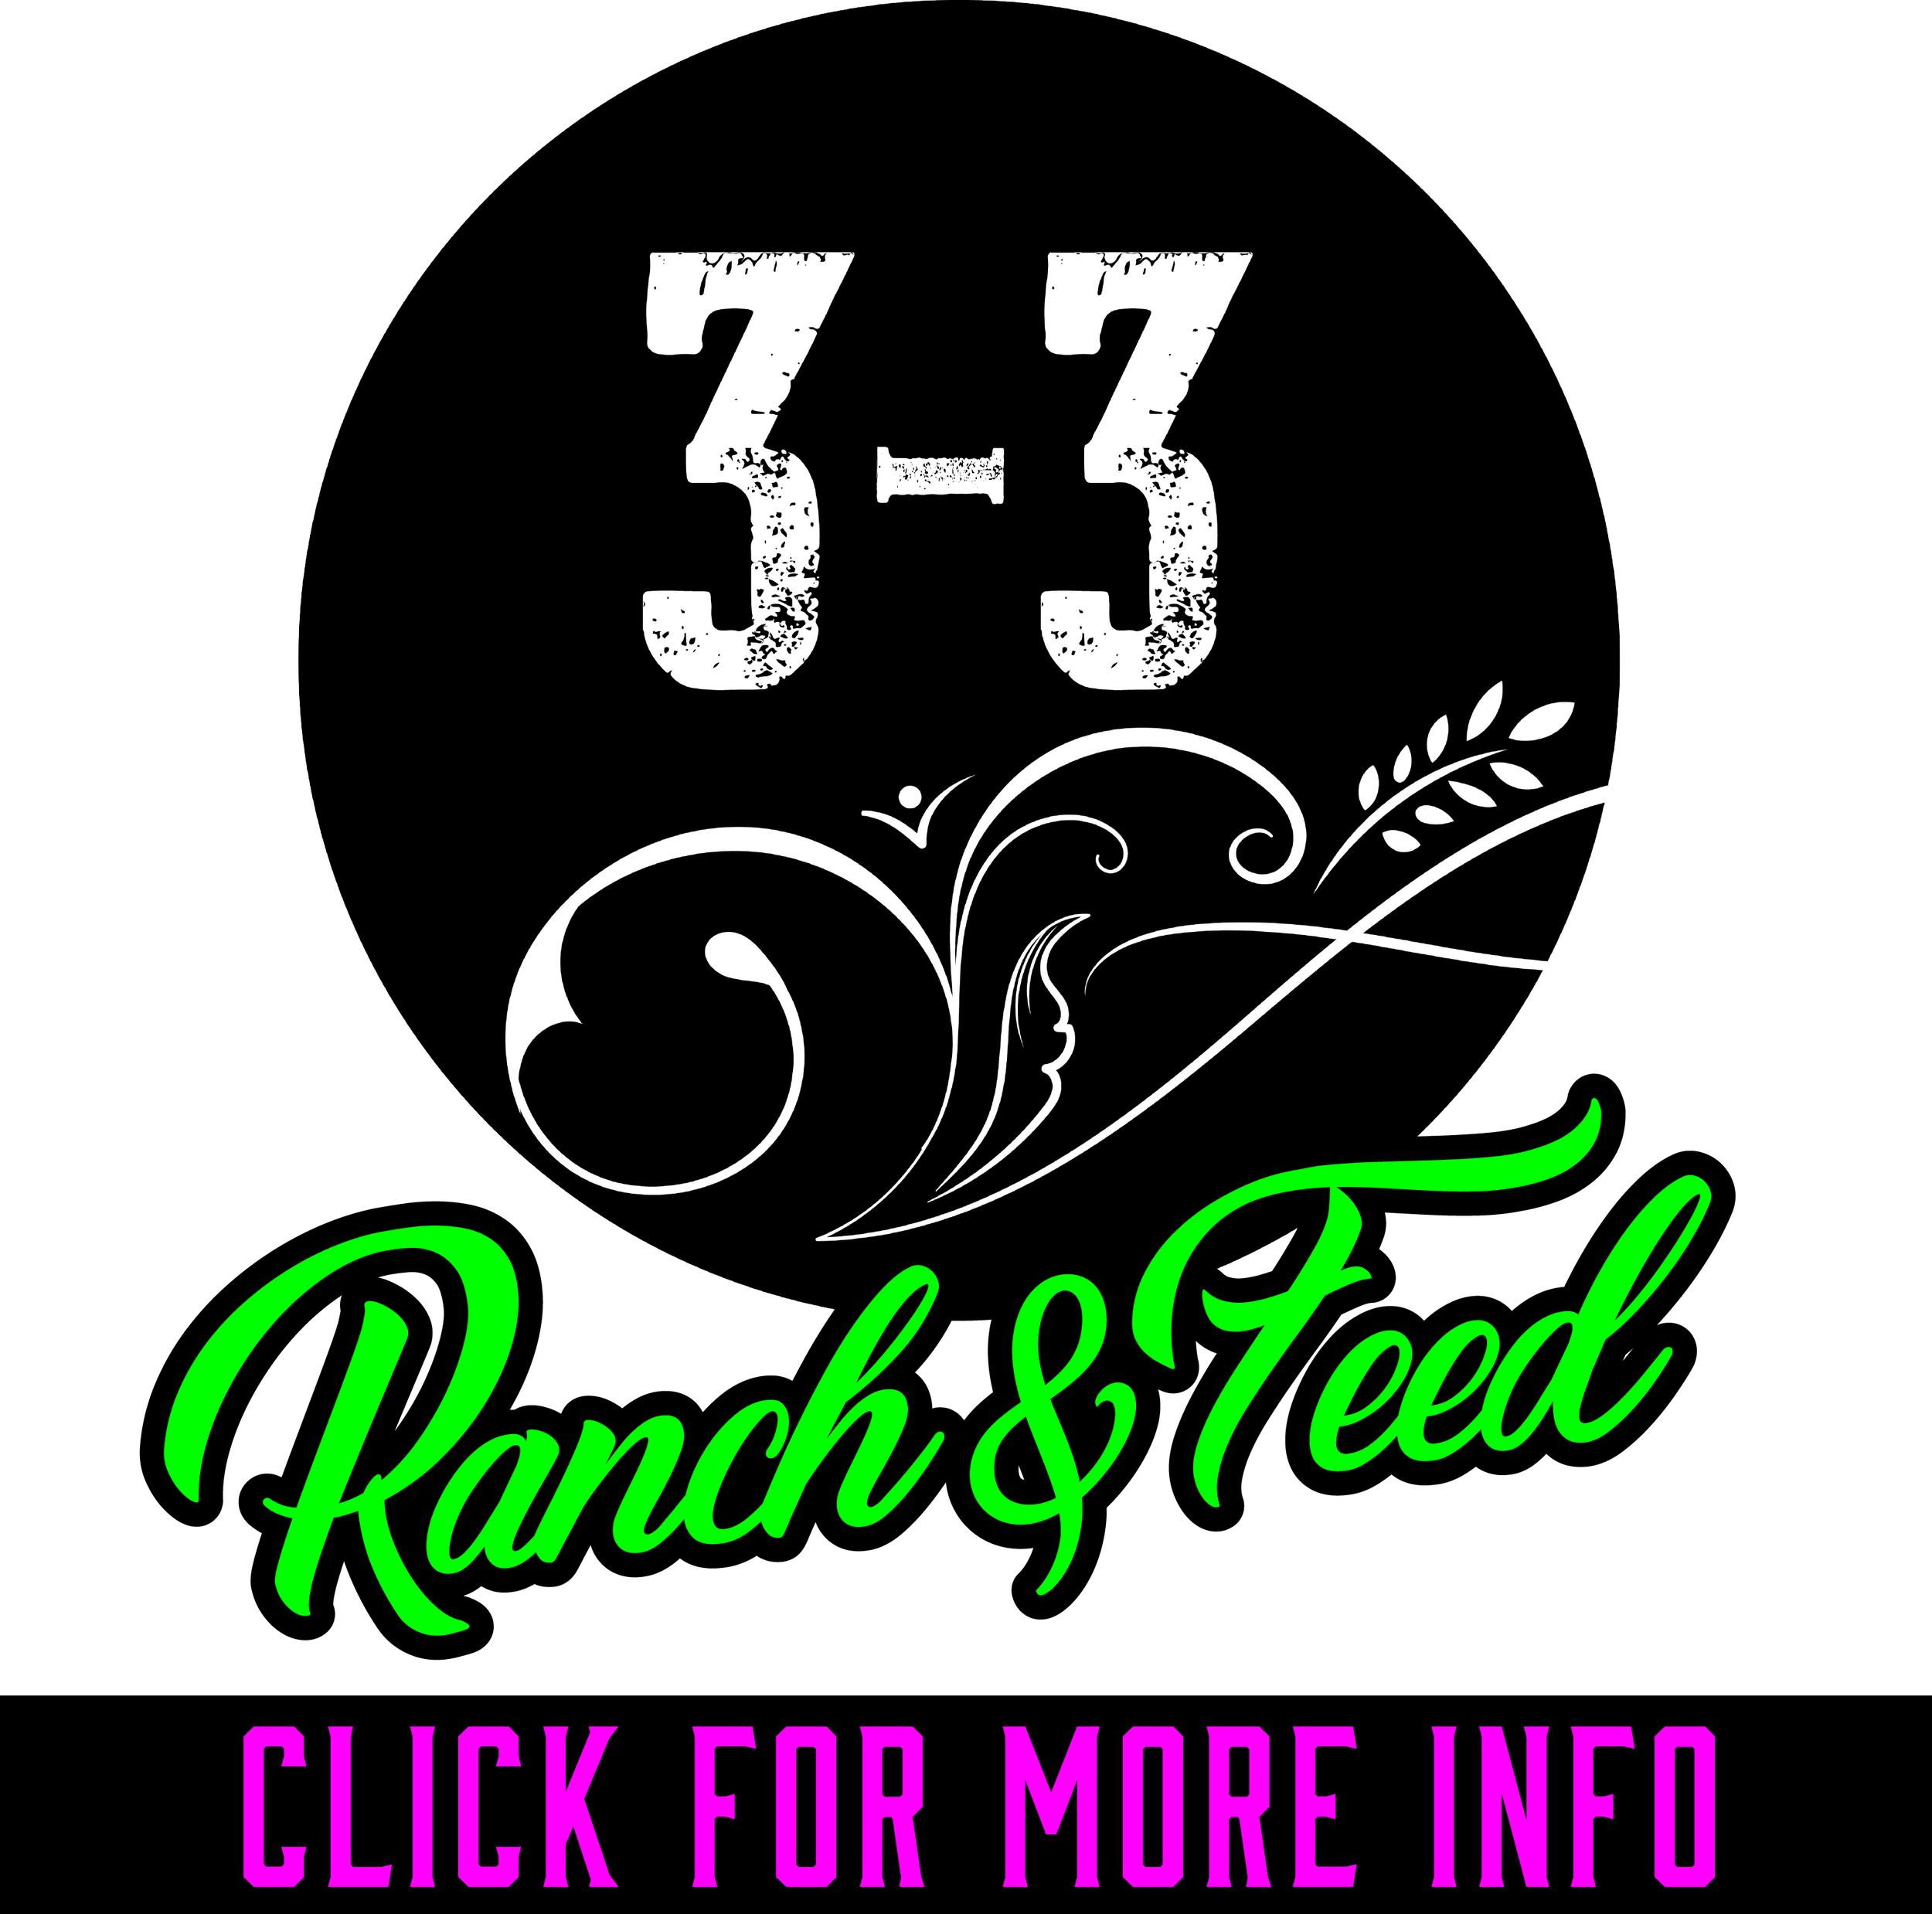 3 Bar 3 Ranch & Feed LLC: 520-455-5734